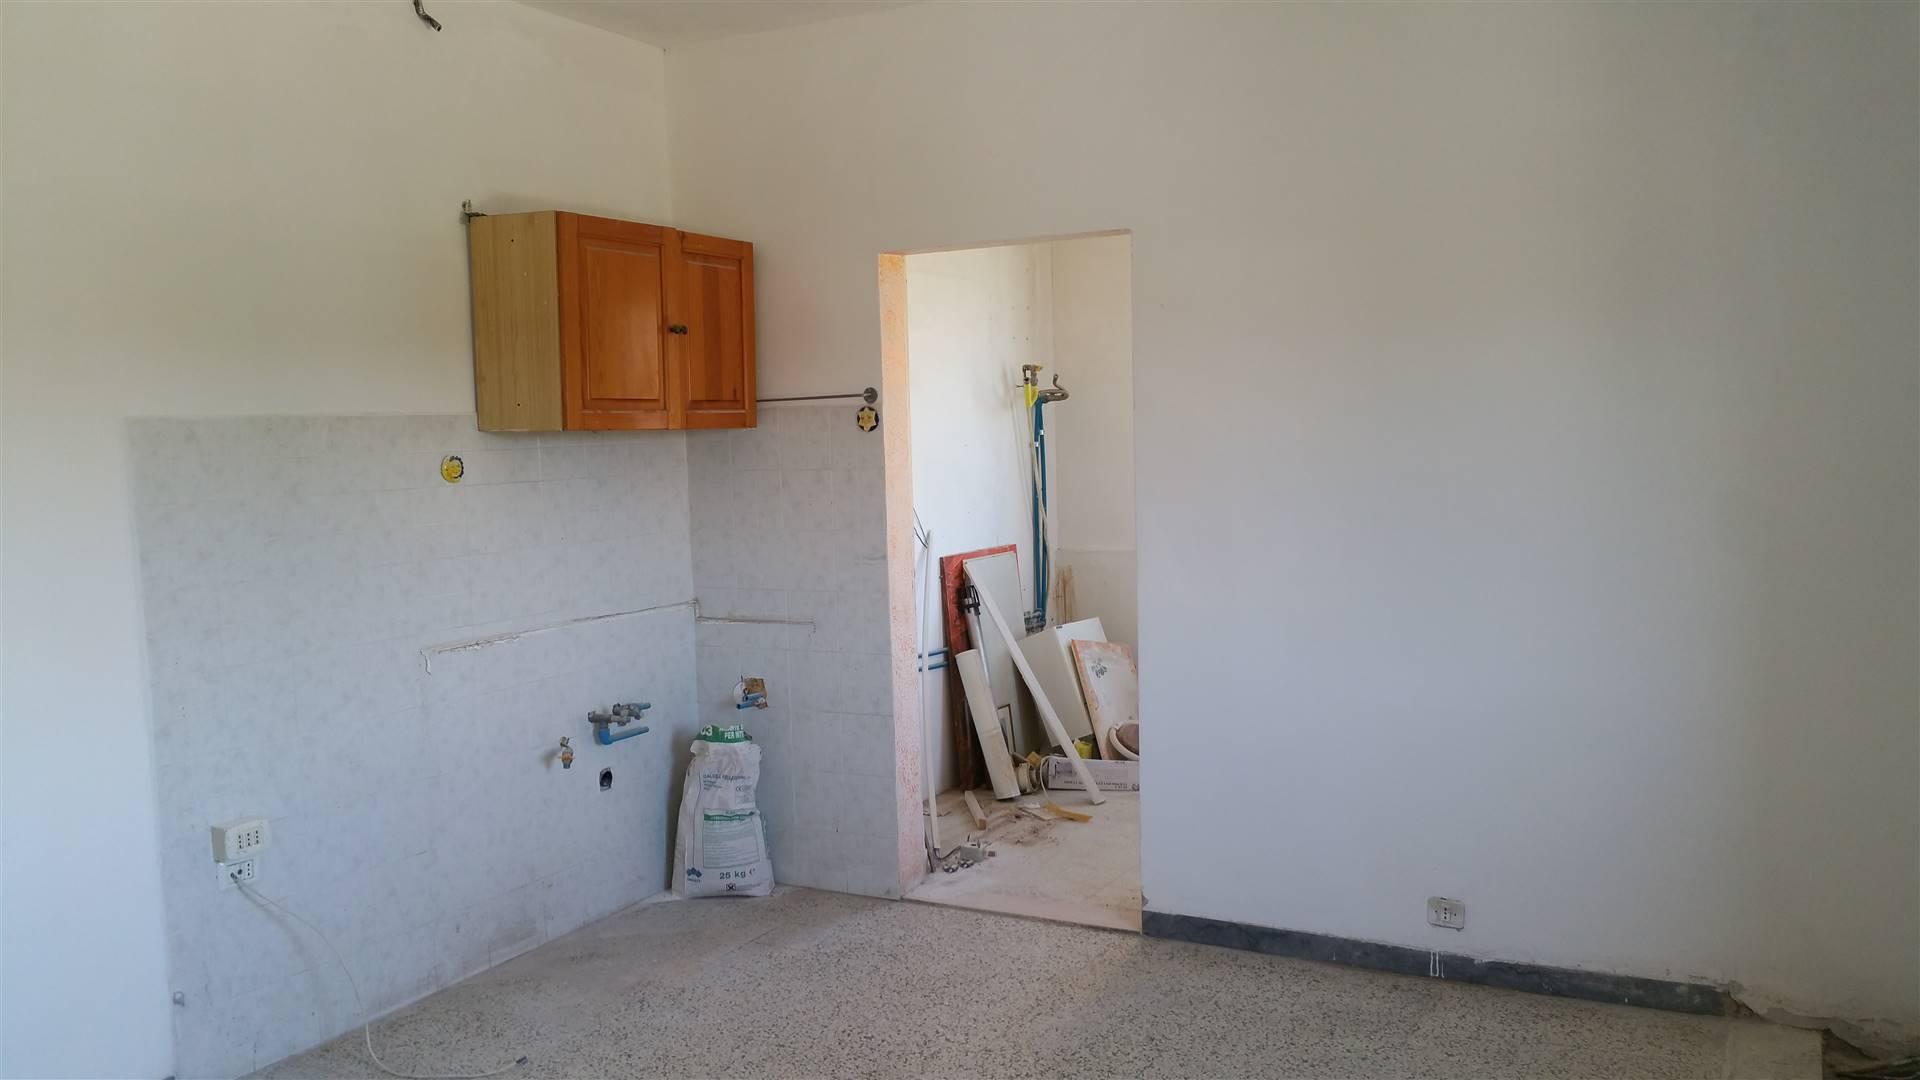 Appartamento in vendita a Spoleto, 4 locali, zona Località: PERIFERIA, prezzo € 38.000   CambioCasa.it